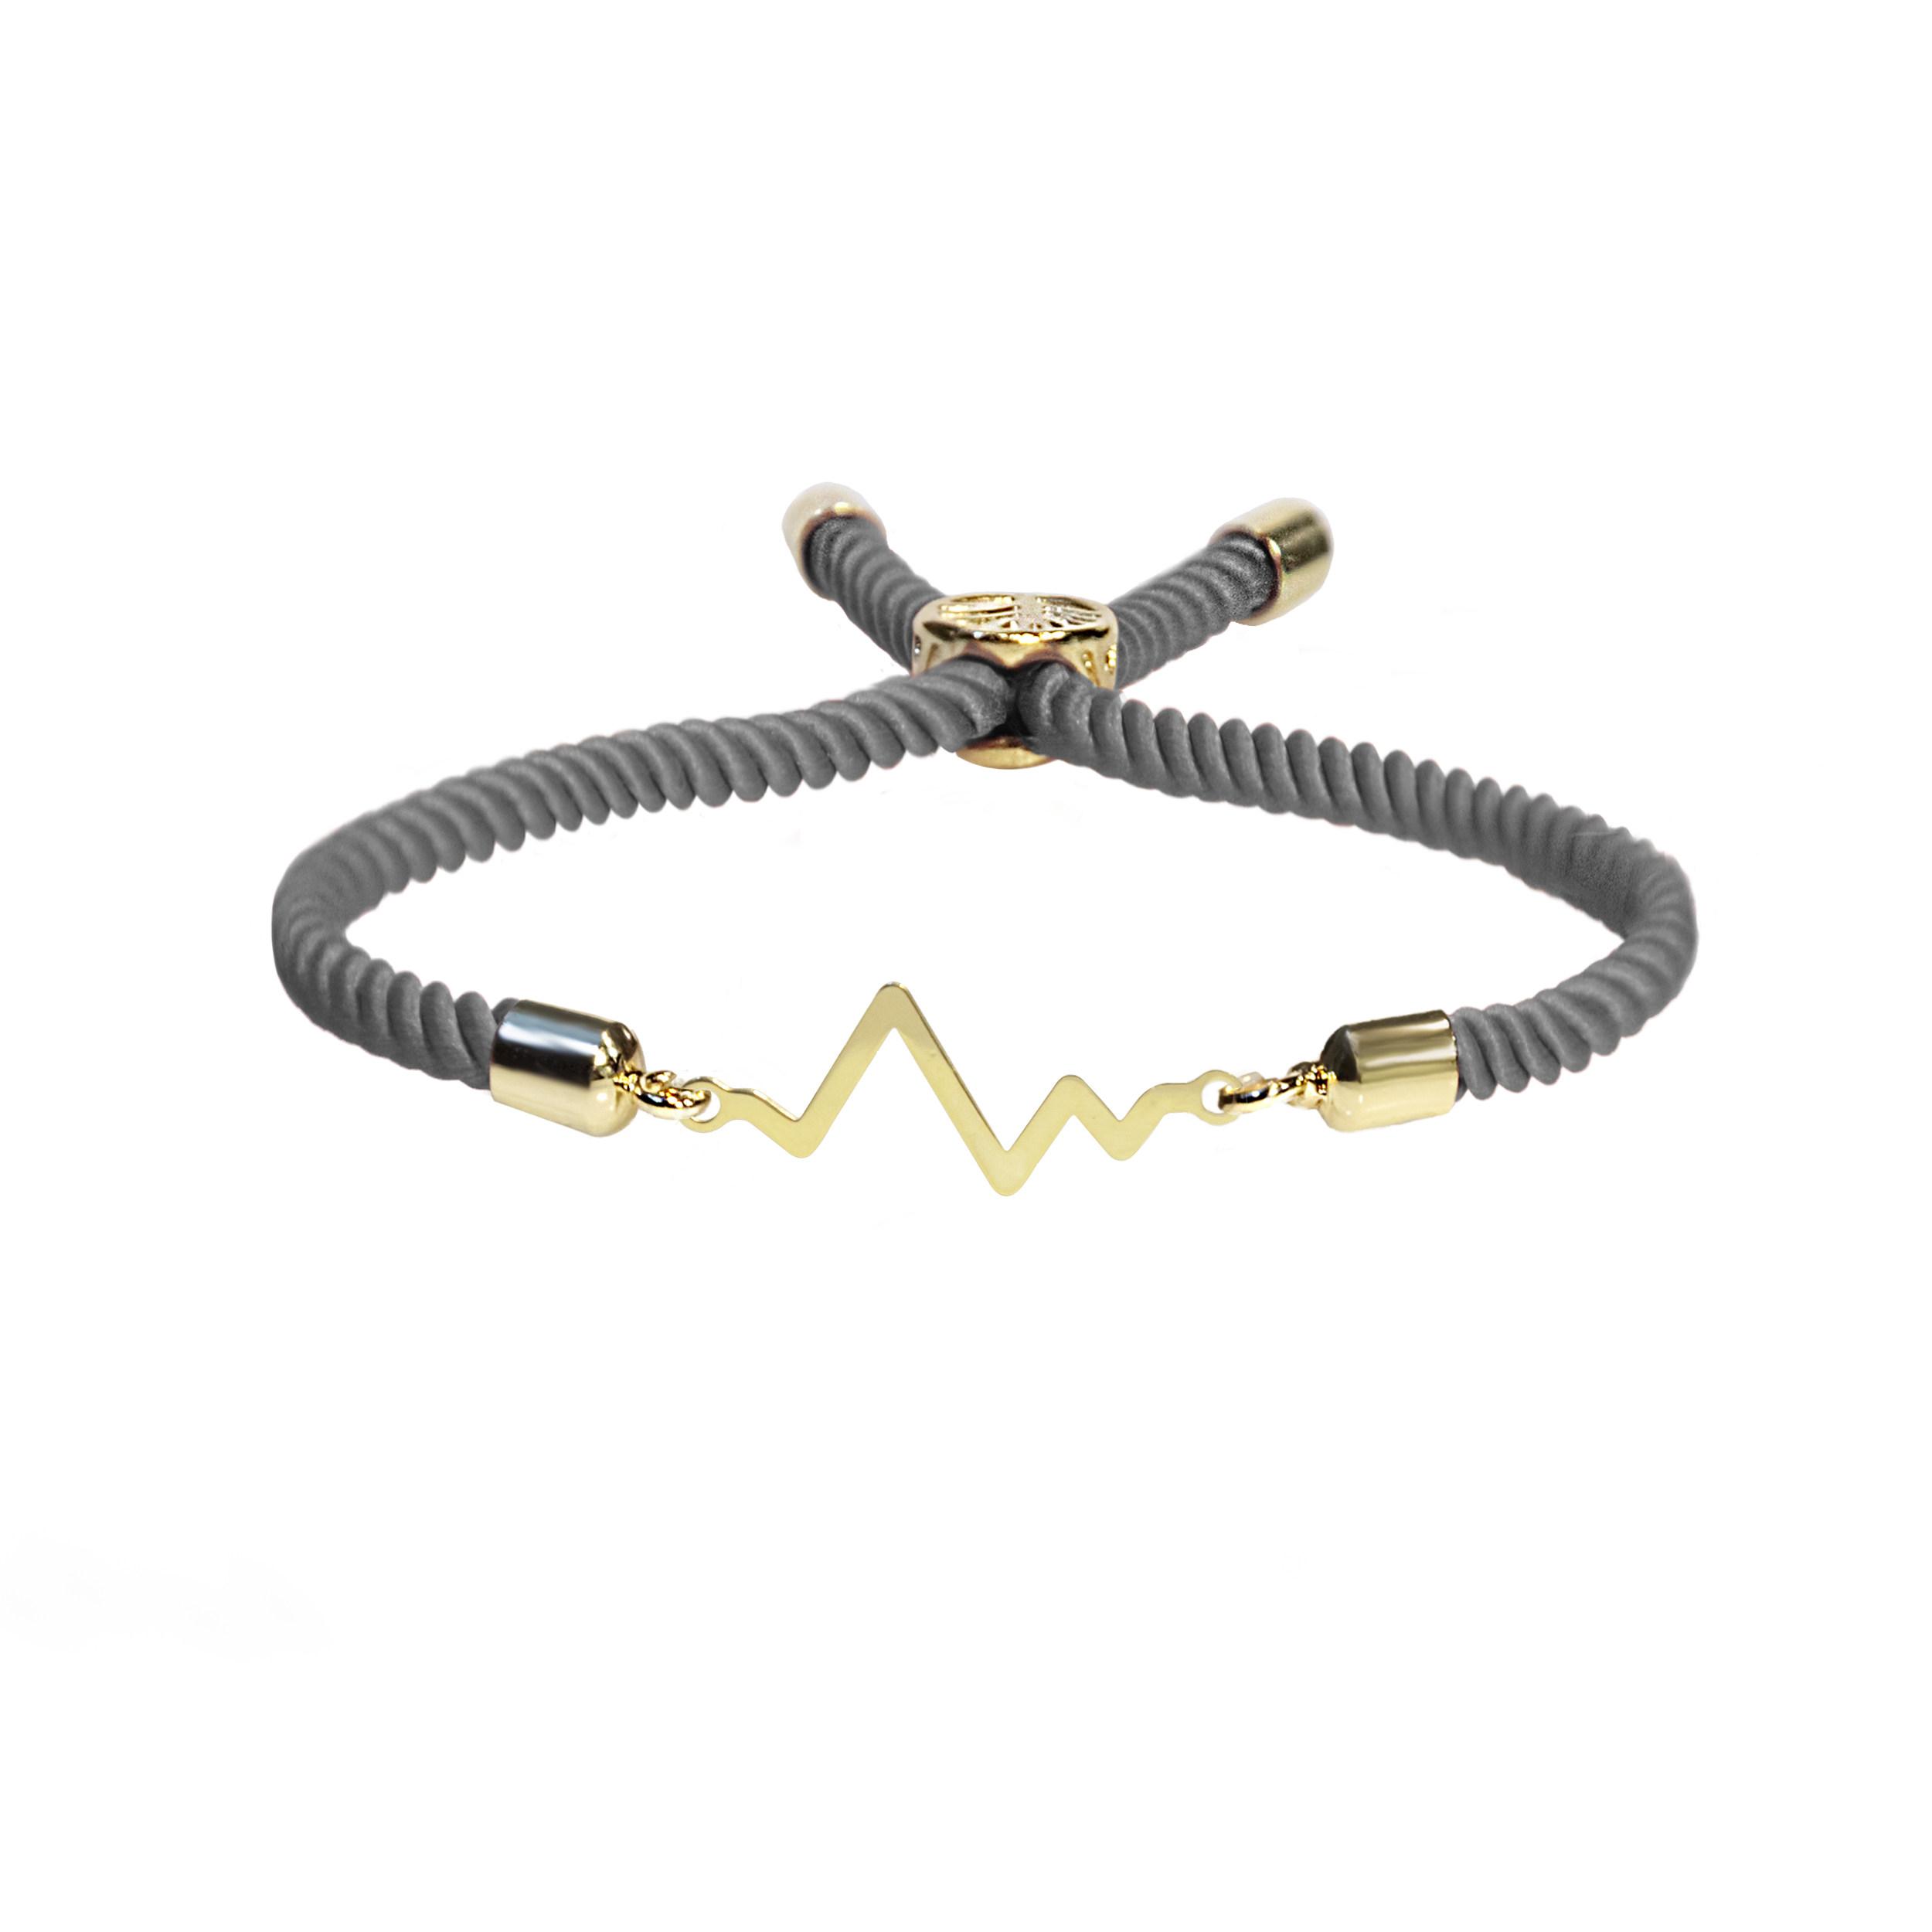 دستبند نقره زنانه آبستره مدل DZG-01 -  - 2